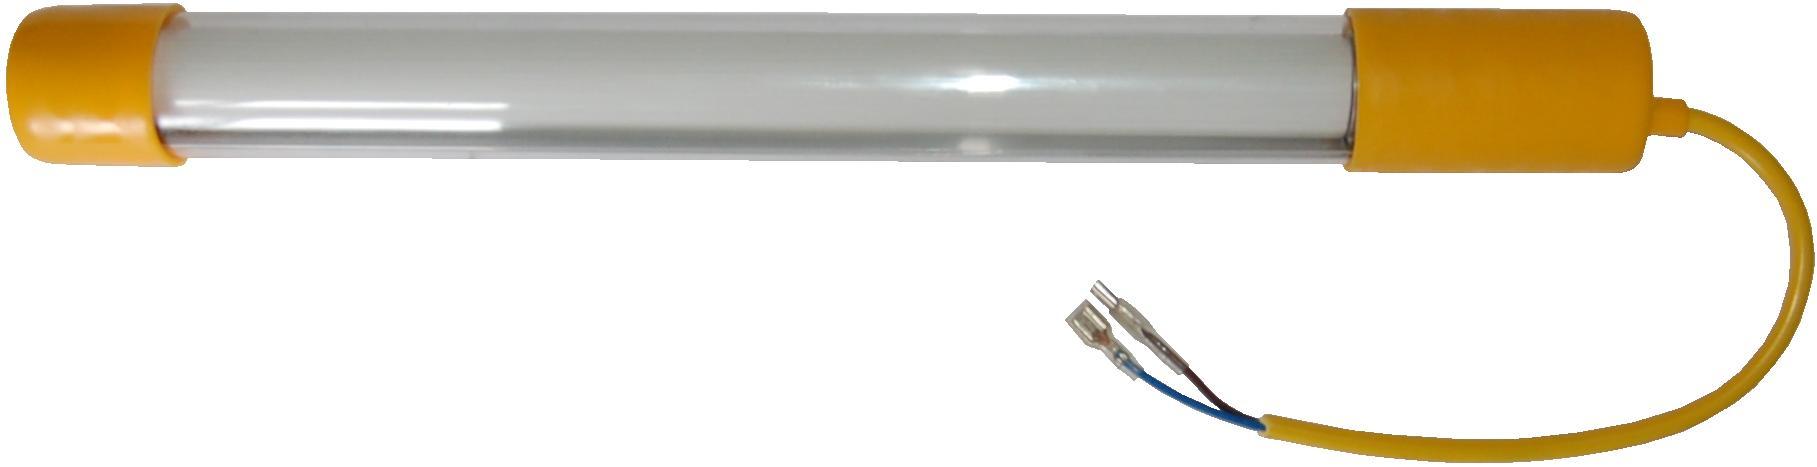 eclairage de rechange pour sbc90 sbc 110 sableuse. Black Bedroom Furniture Sets. Home Design Ideas